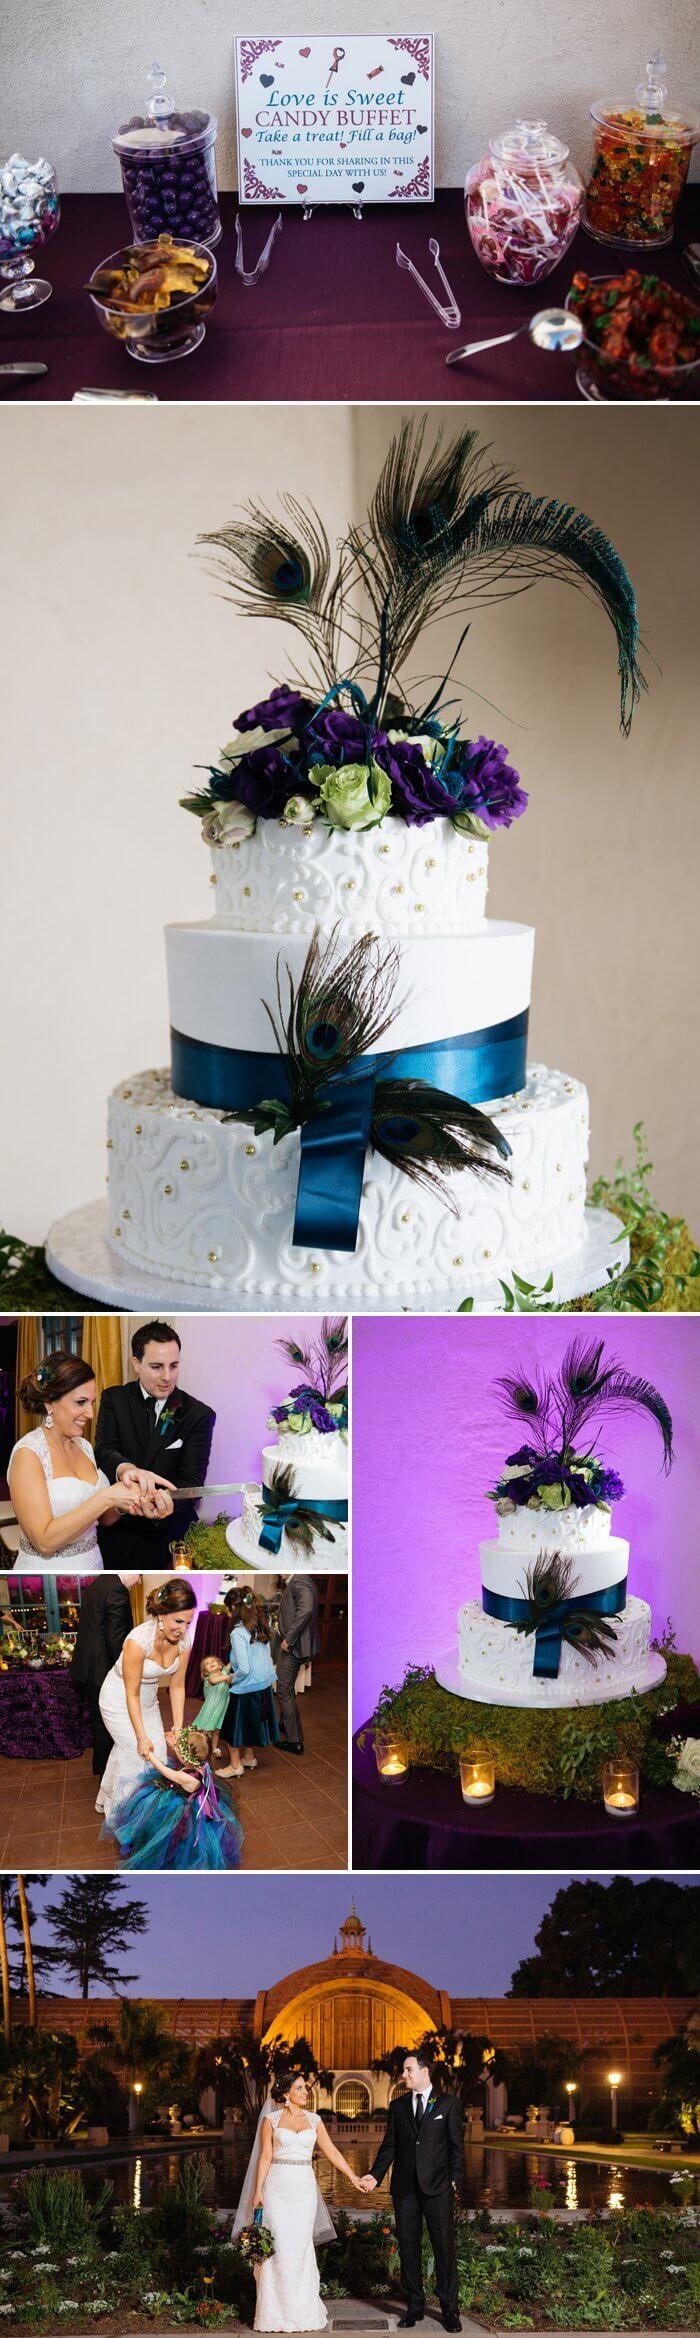 Mhhh.... Die Pfauenfeder-Hochzeitstorte sieht wirklich atemberaubend aus - Perfekt für eine einzigartige Mottohochzeit mit dem Thema Pfau ... I © Derek Chad Photography